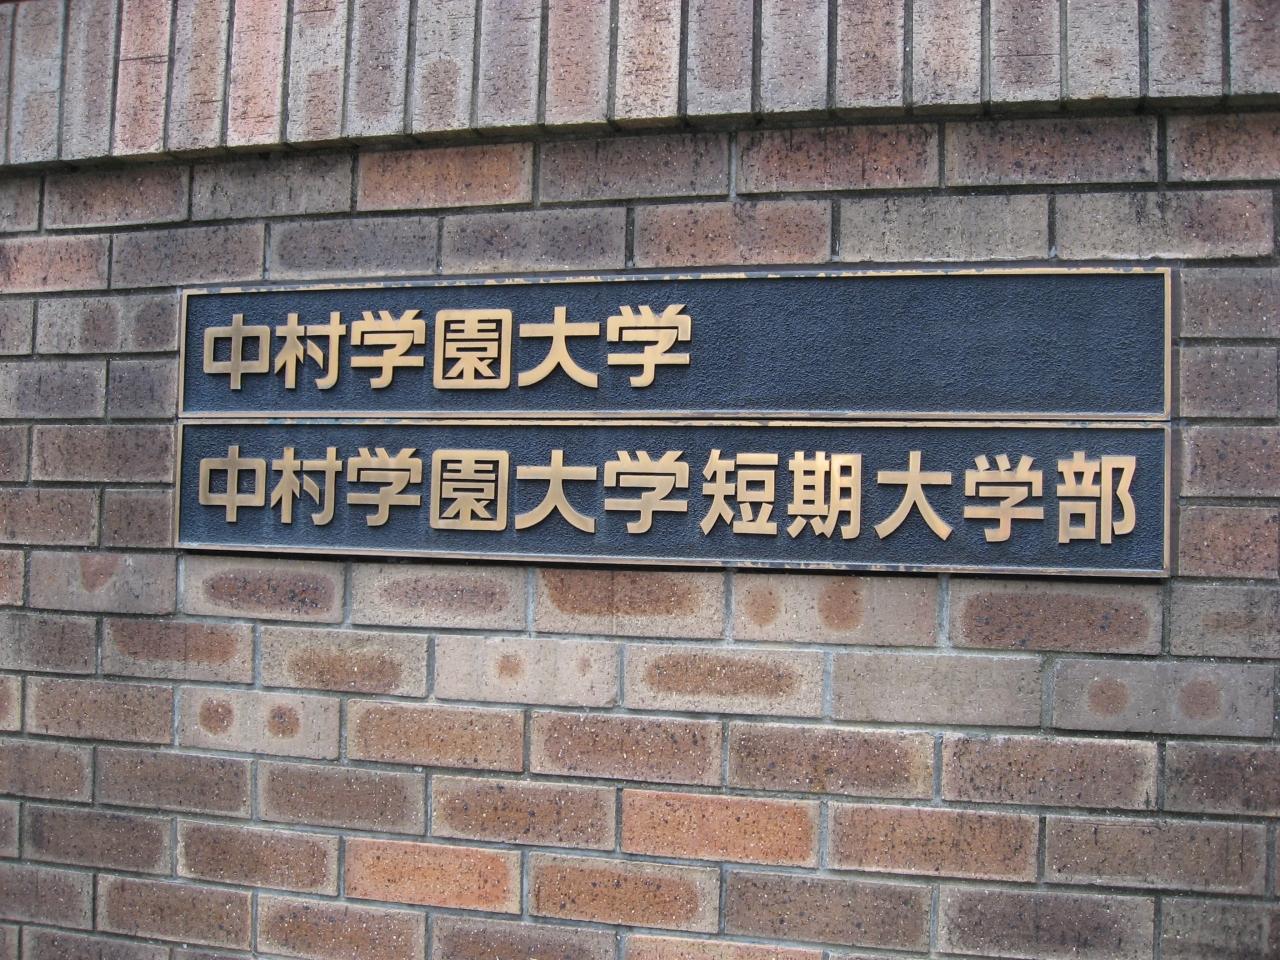 大学 中村 学園